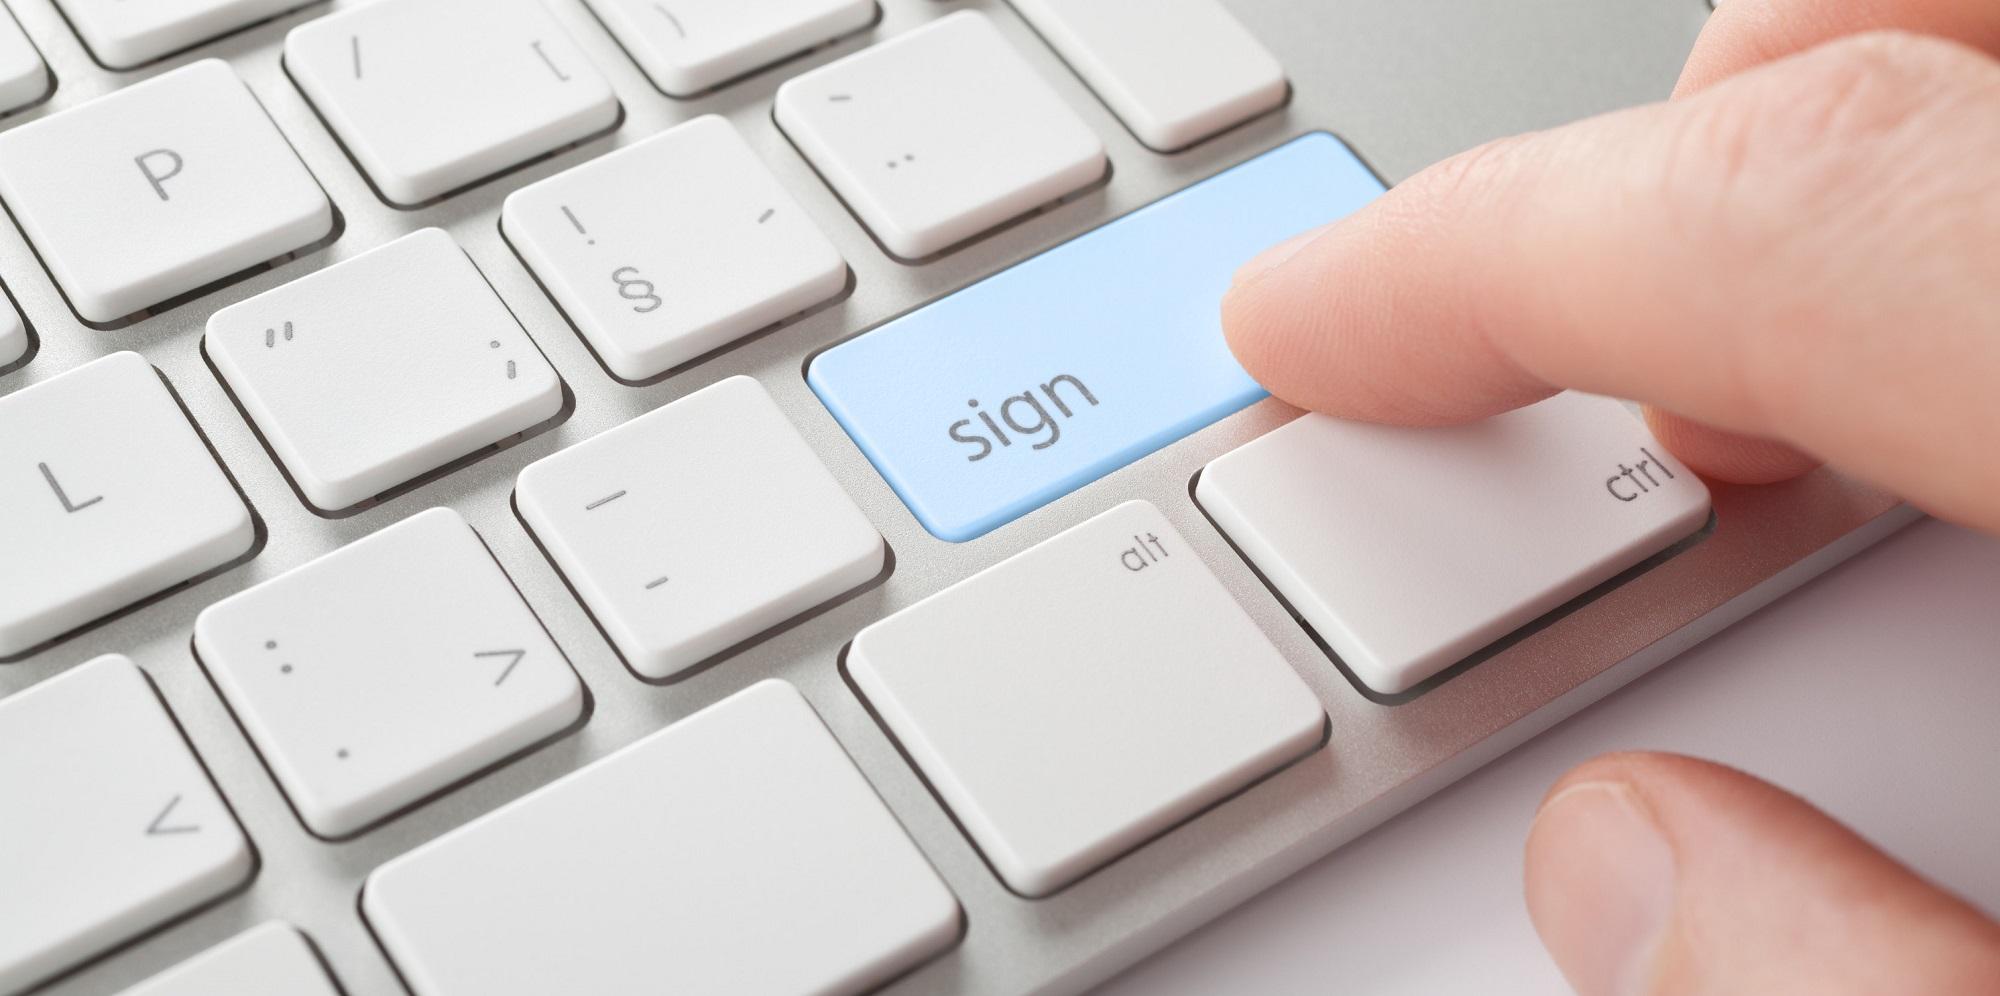 Fakulta informatiky rozeslala rozhodnutí o přijetí poprvé elektronicky